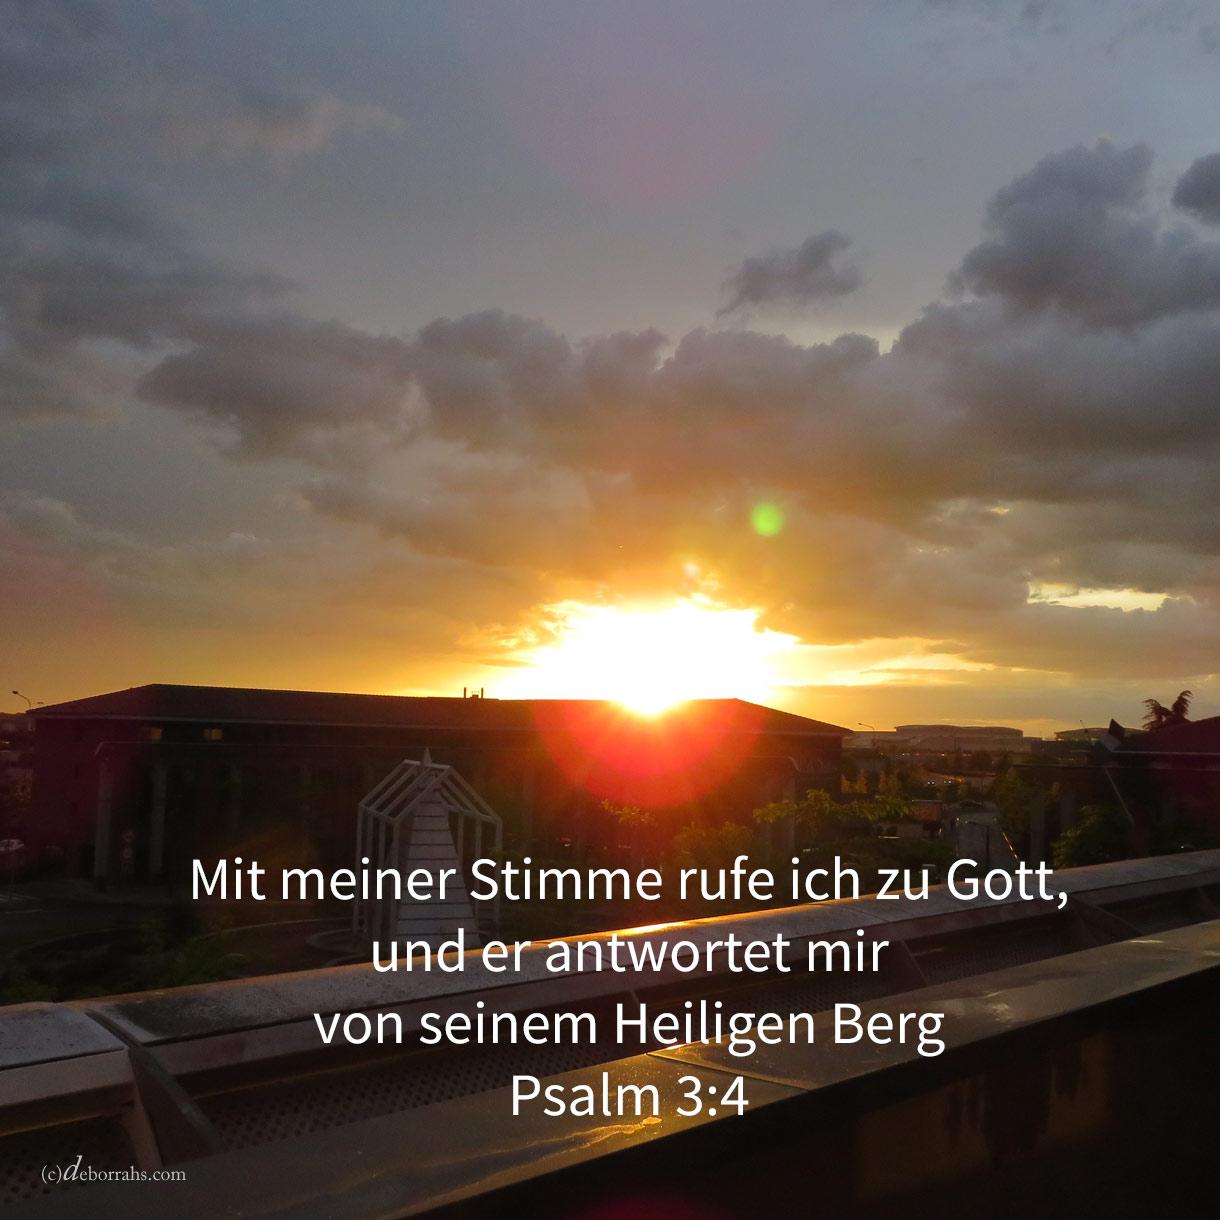 Mit meiner Stimme rufe ich zu Gott, und er antwortet mir von seinem Heiligen Berg ( Psalm 3,4 )